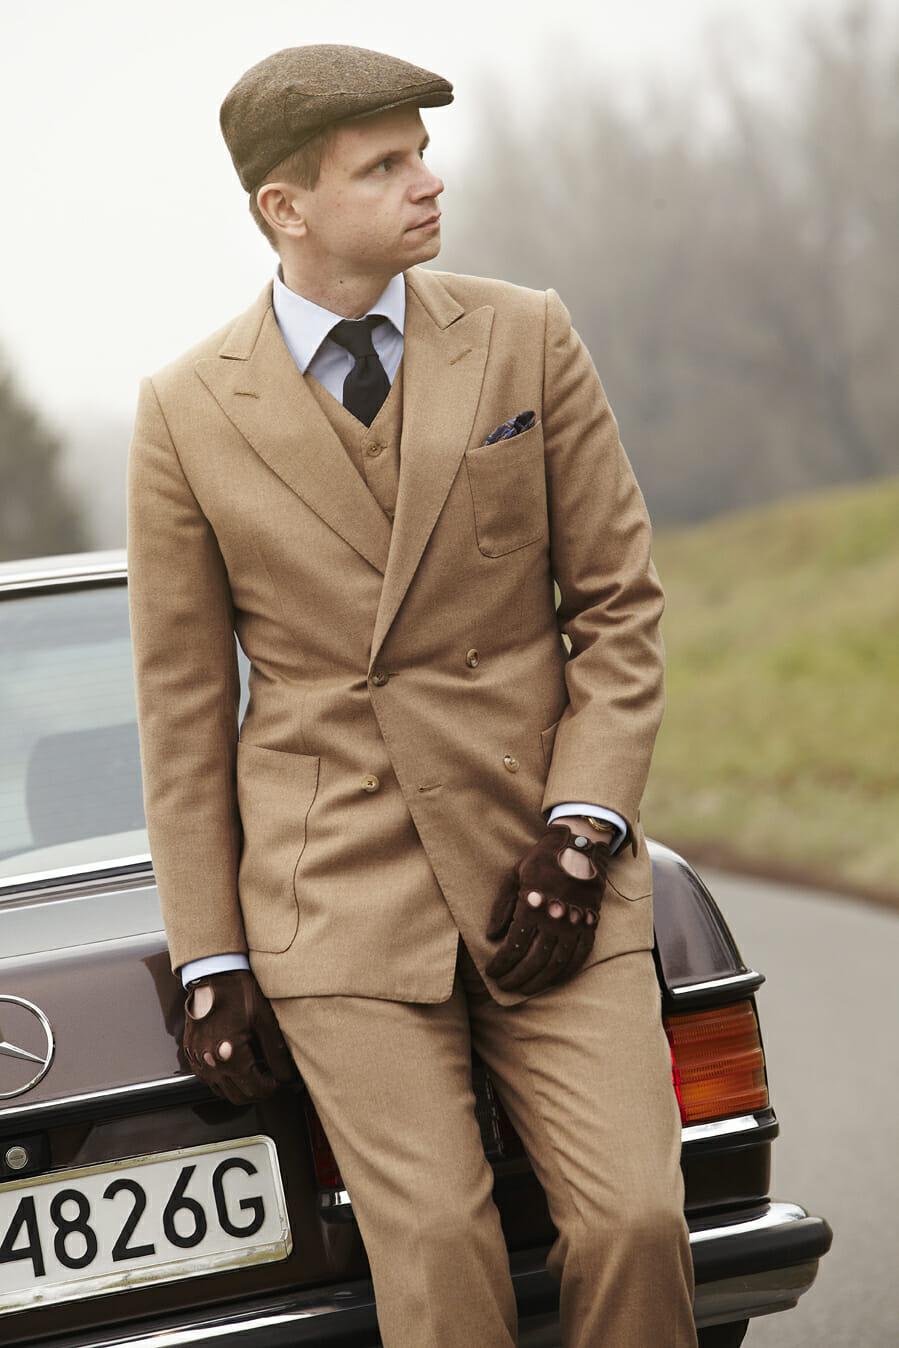 Flanelowy garnitur, Mercedes Benz w123 copue i Roman Zaczkiewicz